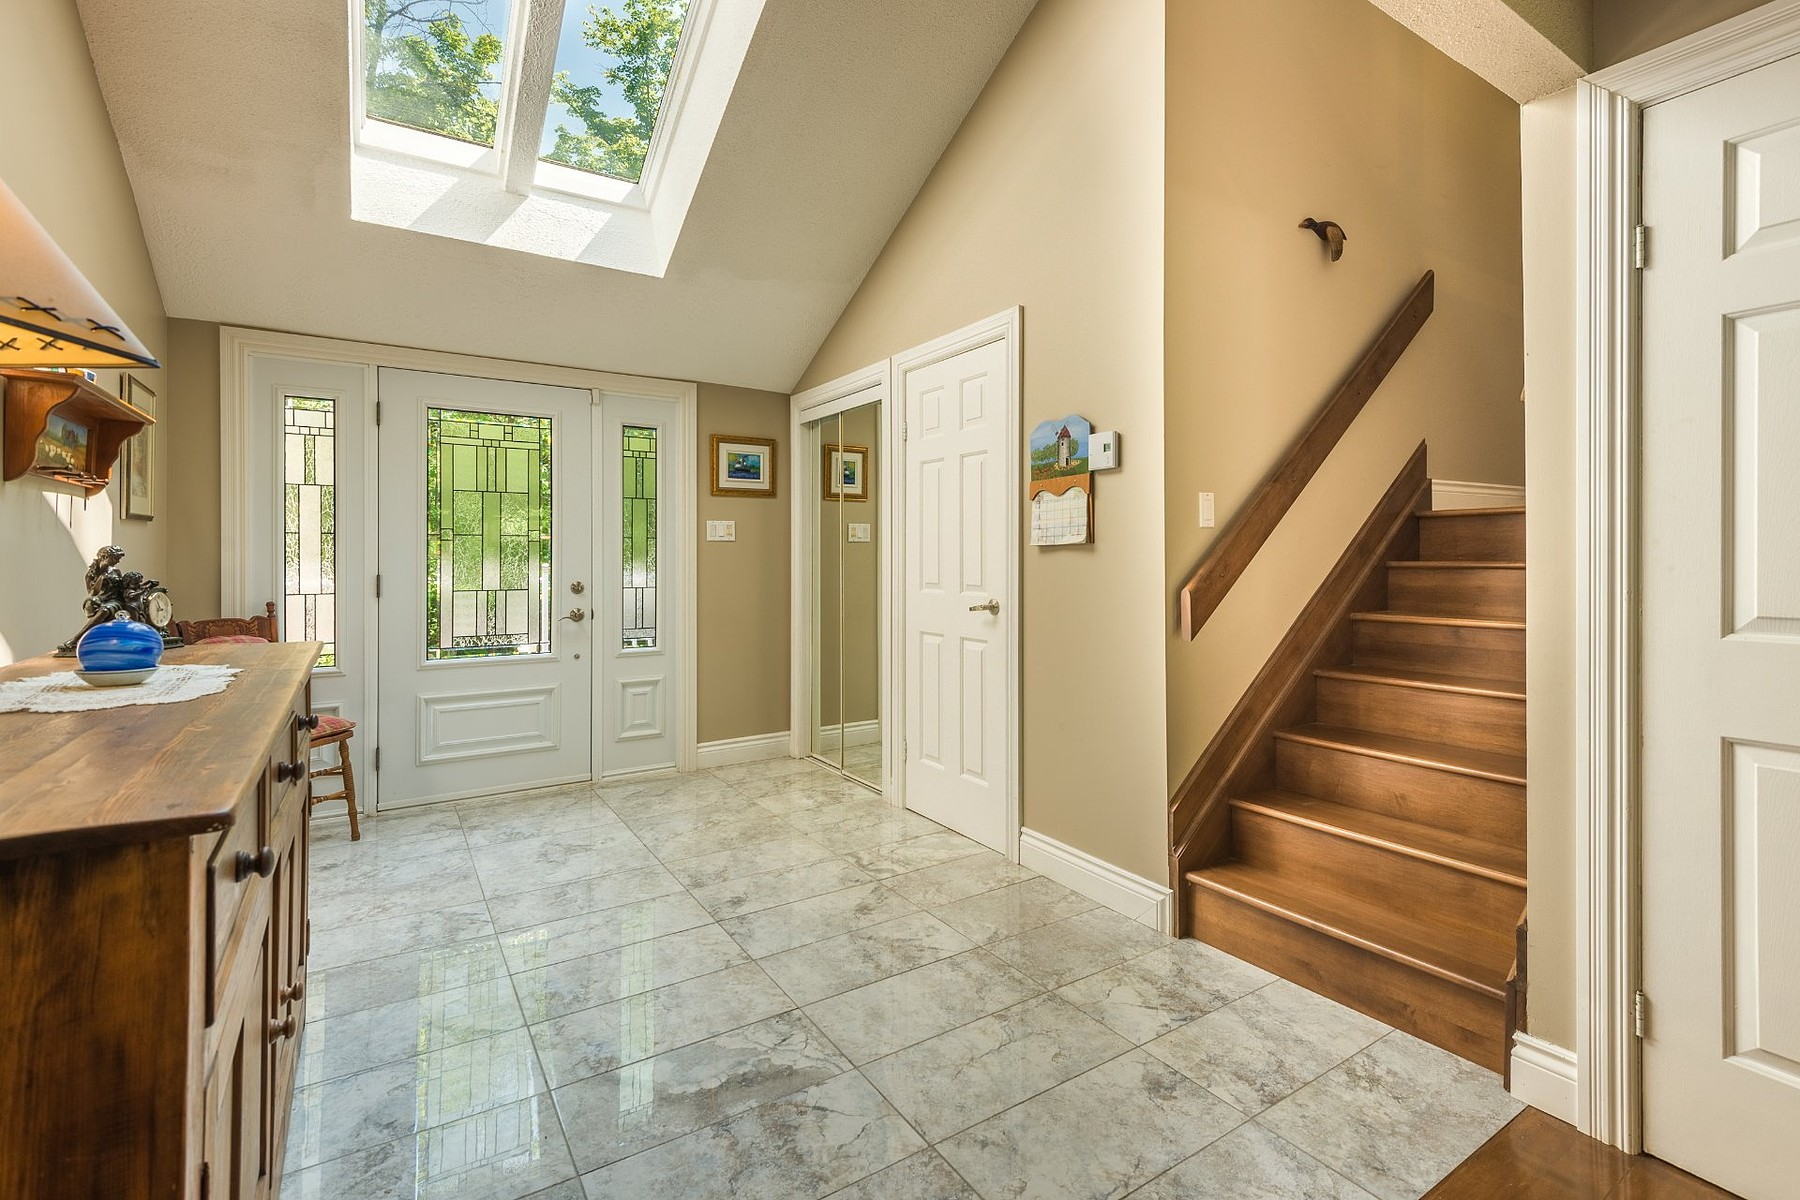 独户住宅 为 销售 在 Magog, Estrie 2171 Rue du Torrent, 玛戈, 魁北克省, J1X0M8 加拿大